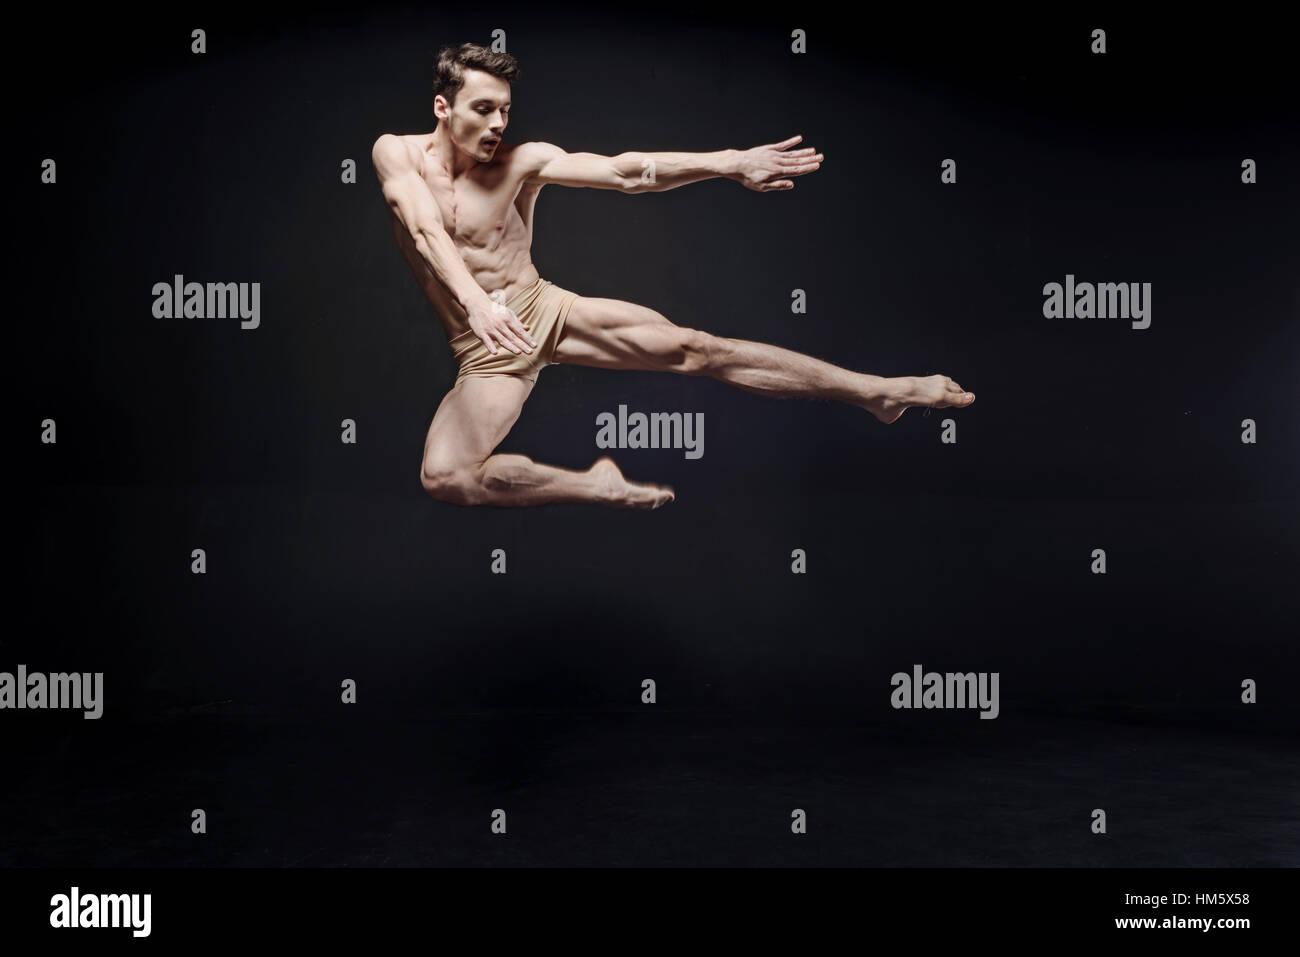 Danseuse de ballet magistral montrant ses capacités dans l'air Photo Stock